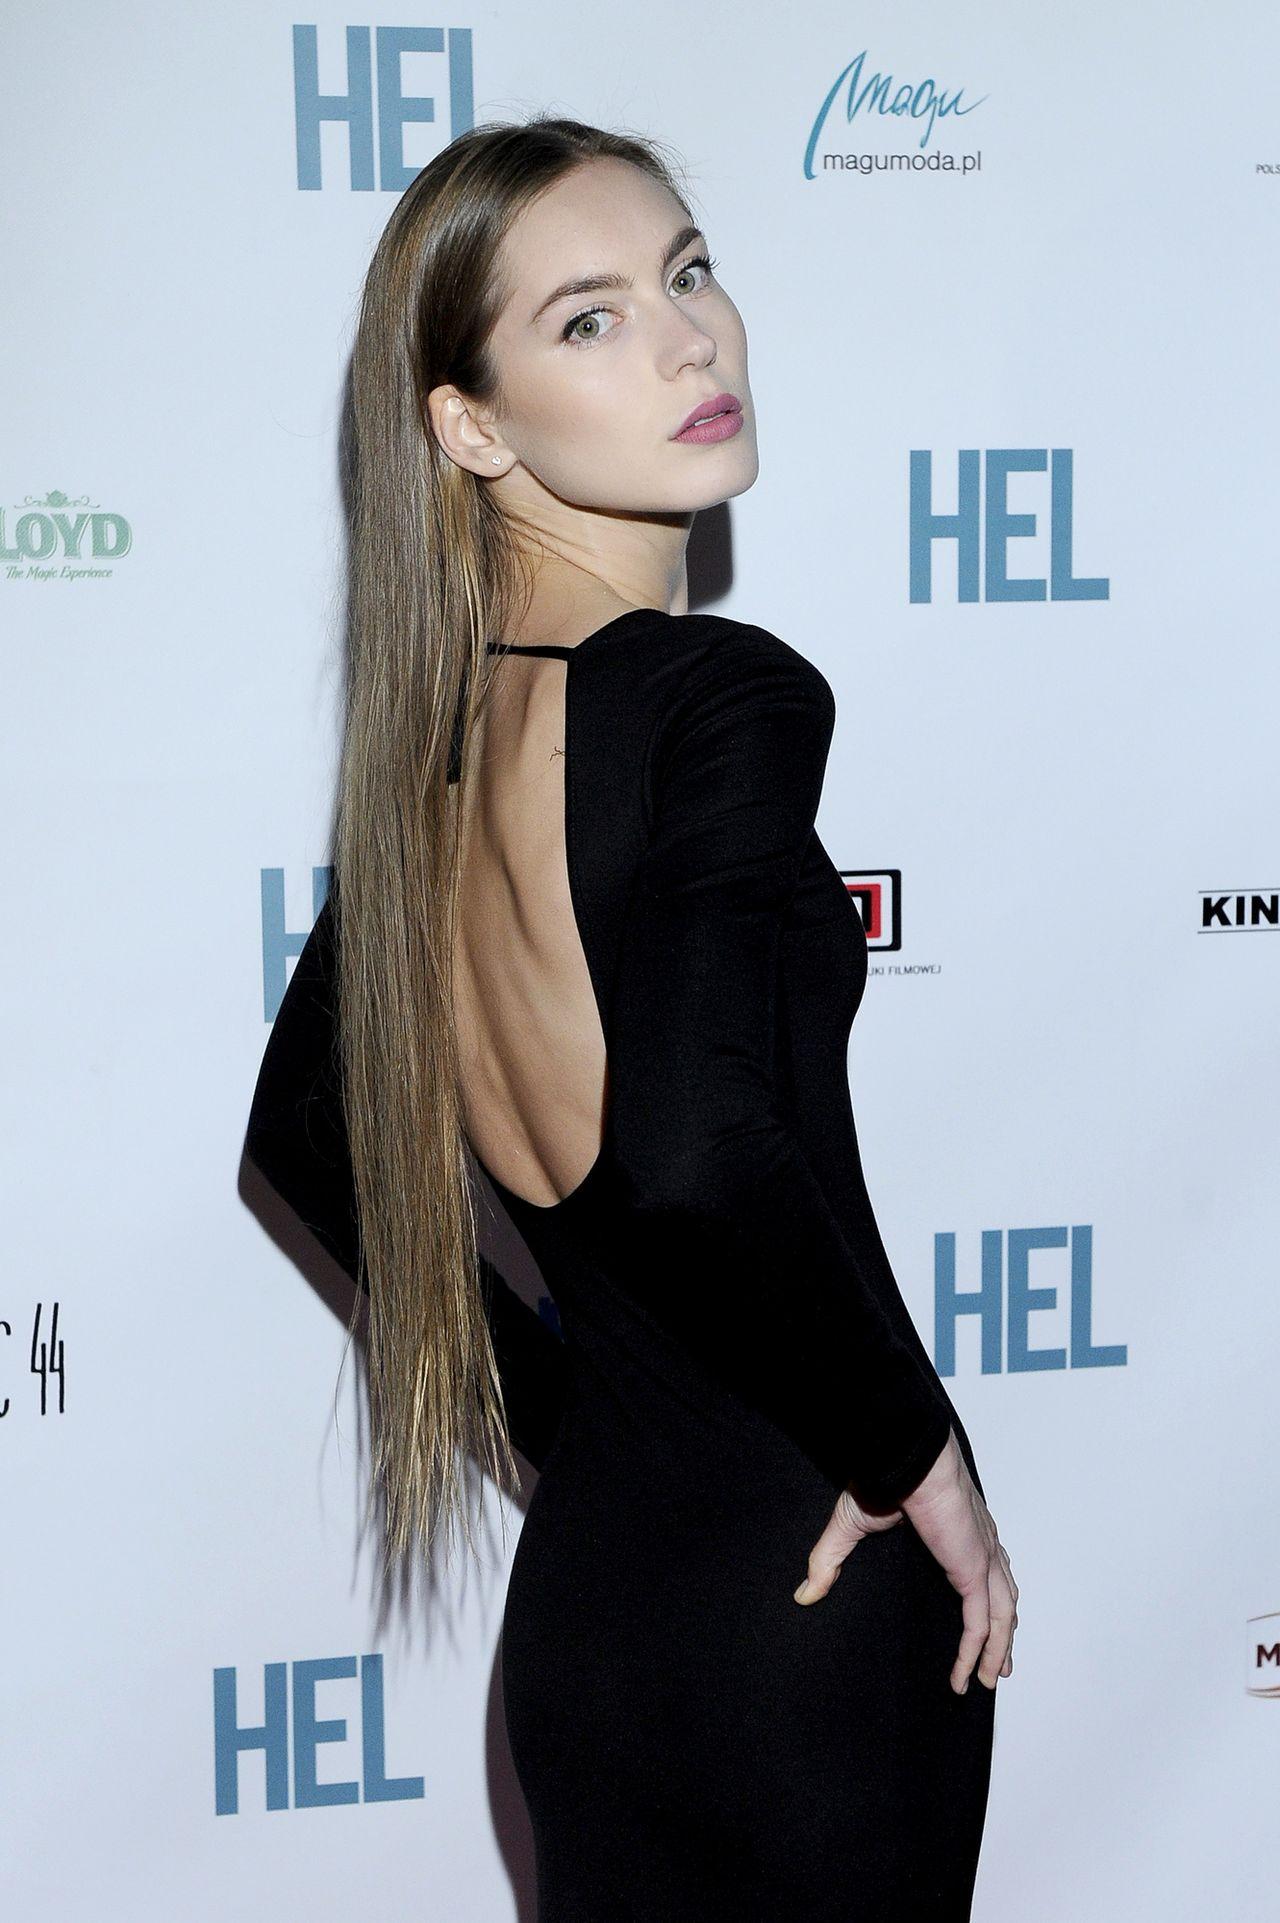 Małgorzata Krukowska rozebrała się w Playboyu - będzie SKANDAL?